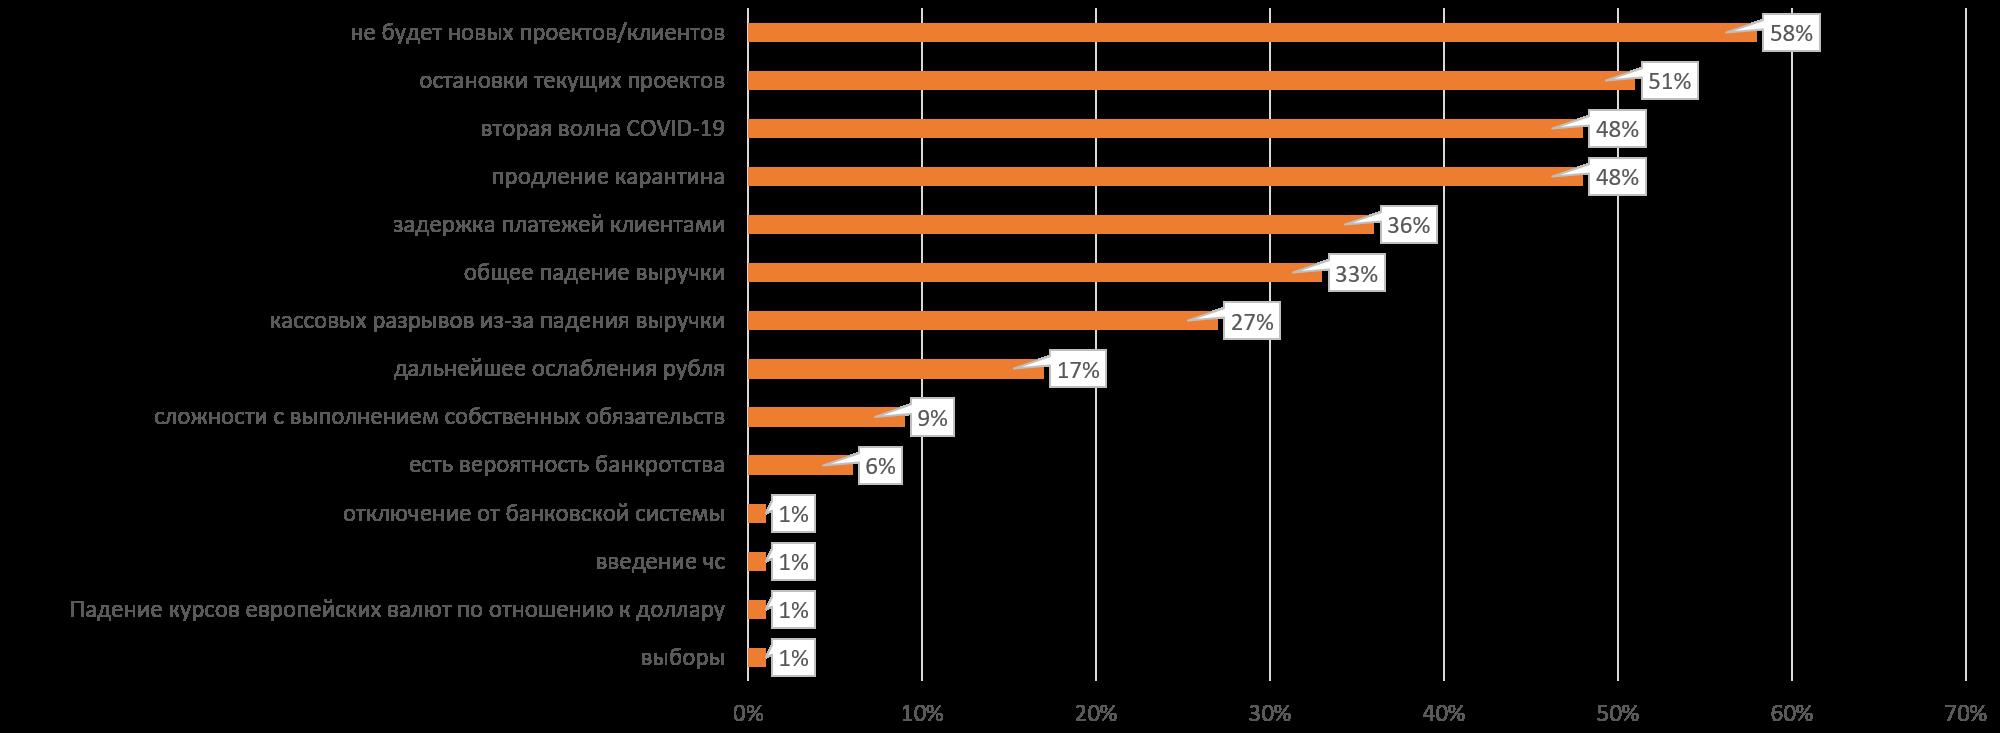 Чего руководители ИТ компаний Беларуси опасаются в 2020 году